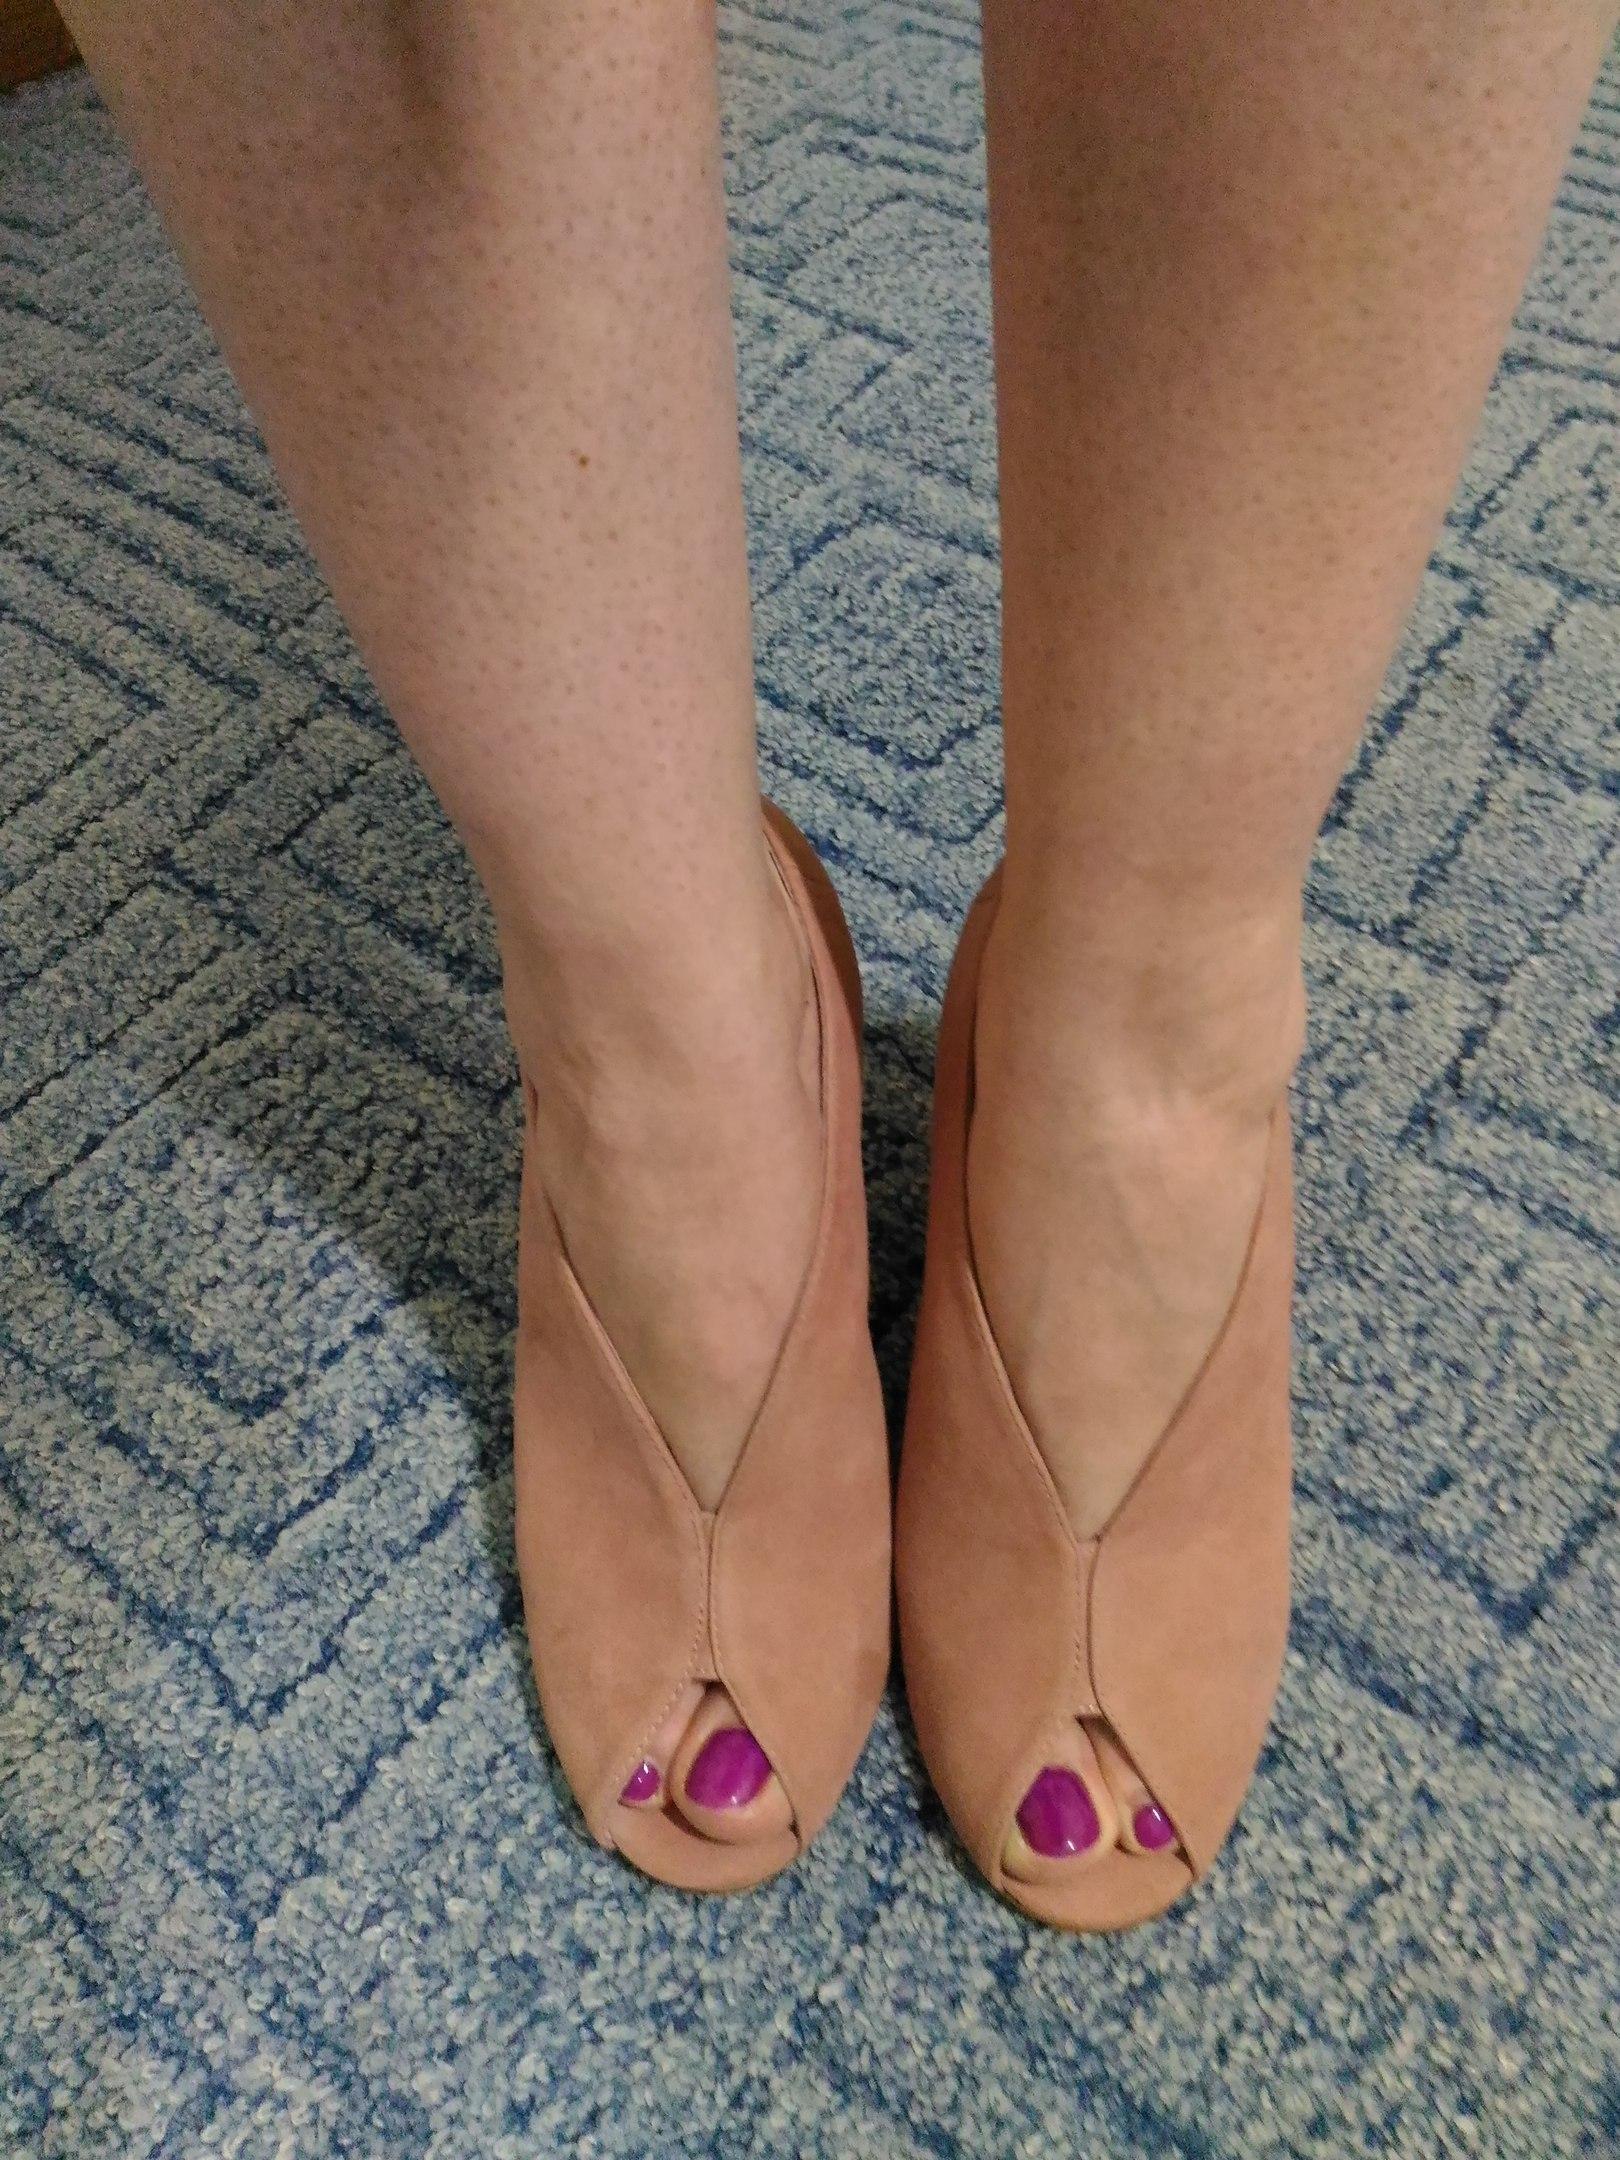 Пришла ко мне пара опупительной обуви Боже какие же они мягкие Замша нежная как шкурка персика Мурчать хочется от удовол